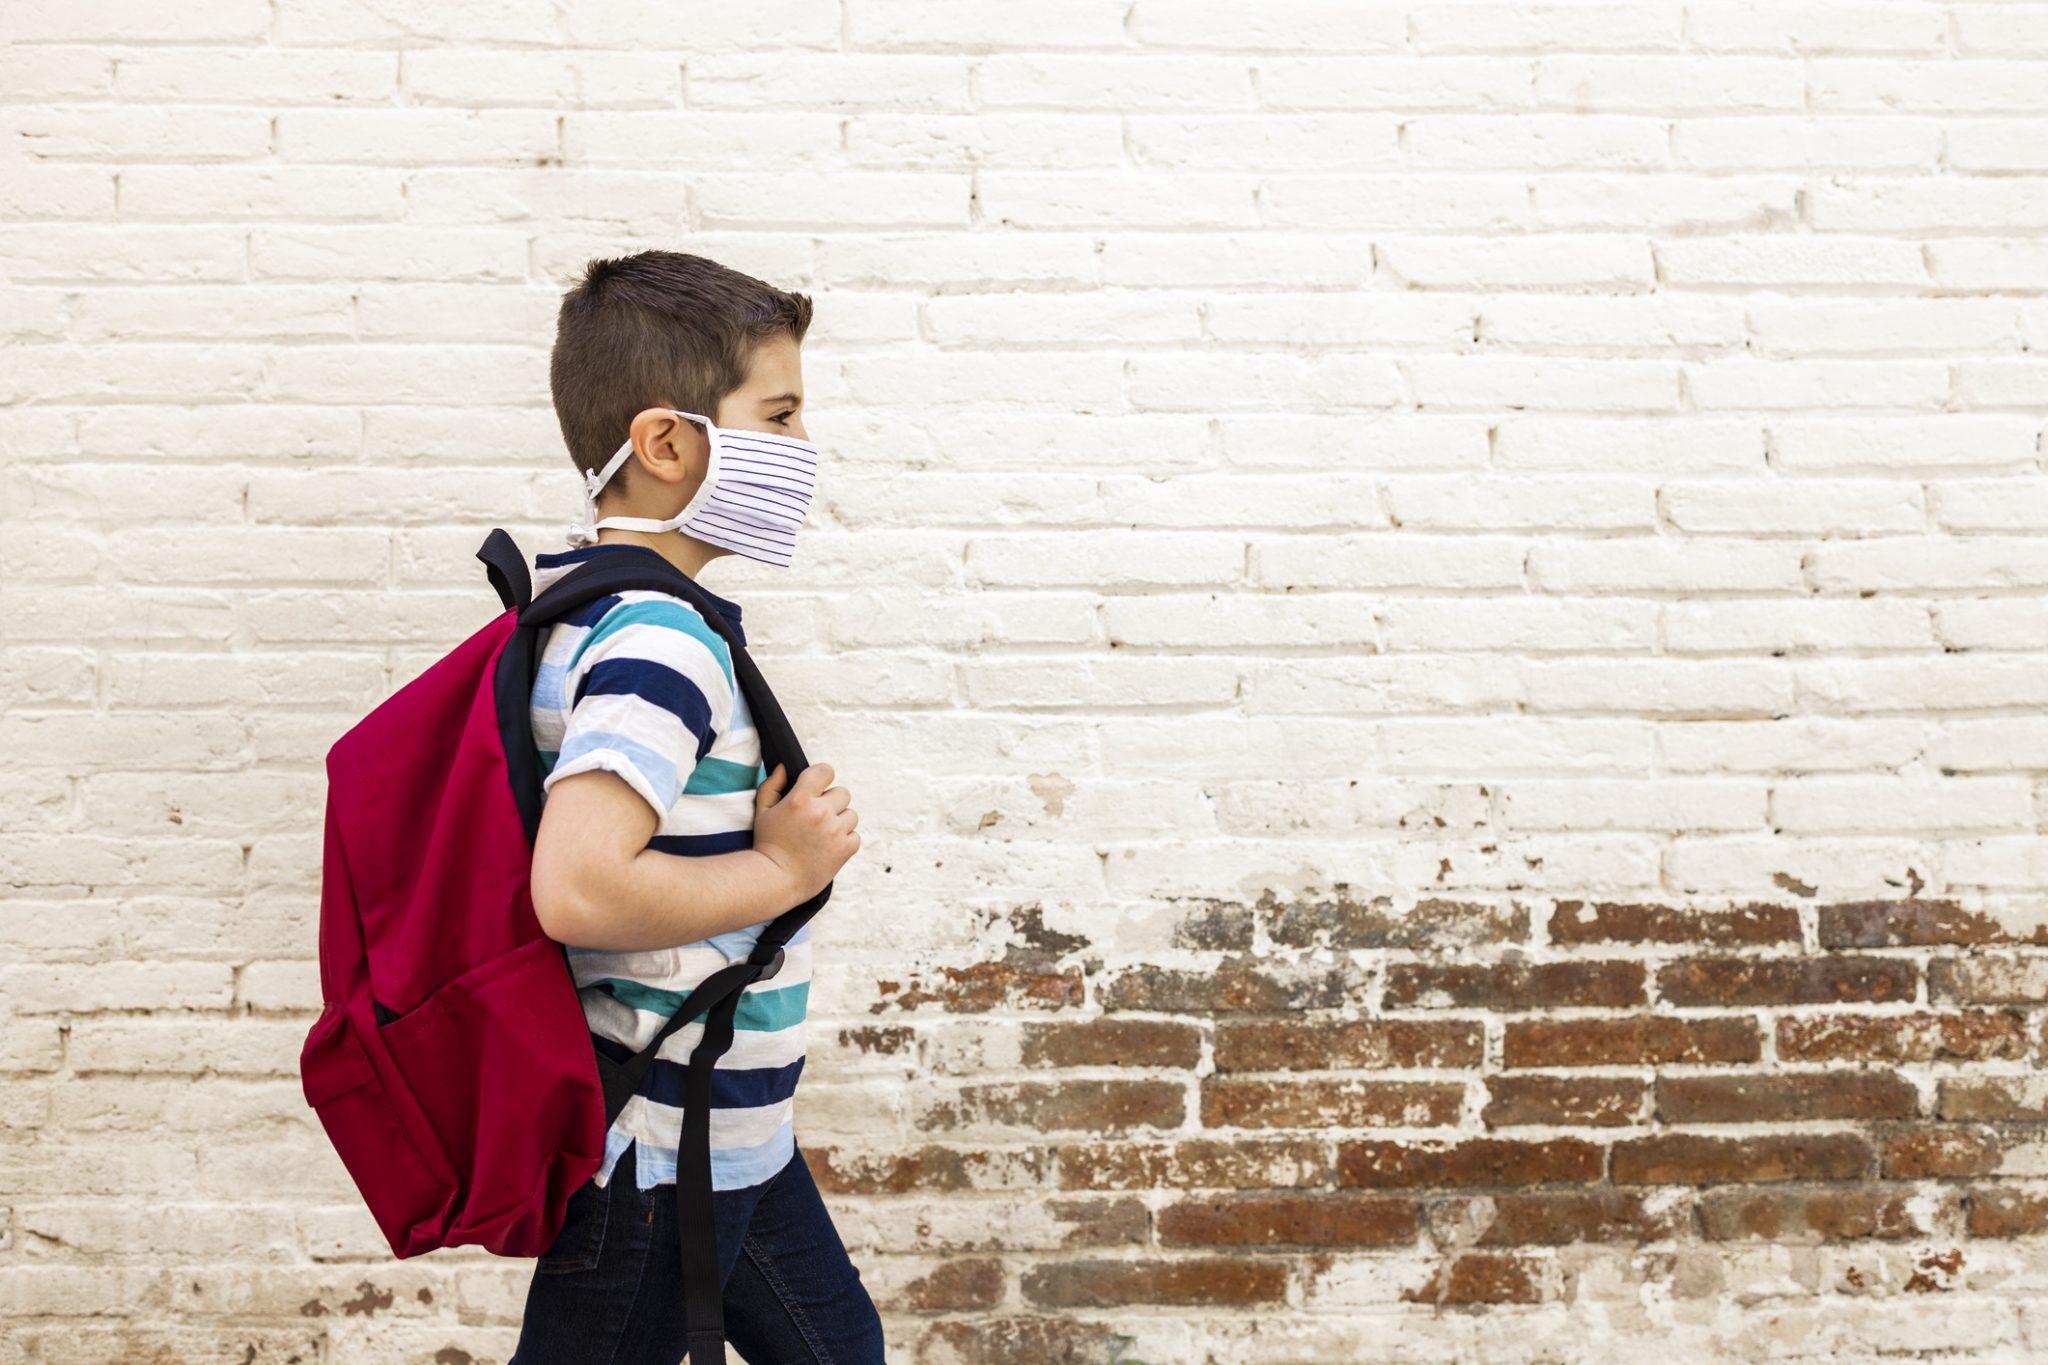 چند توصیه درباره مدرسه رفتن فرزندان